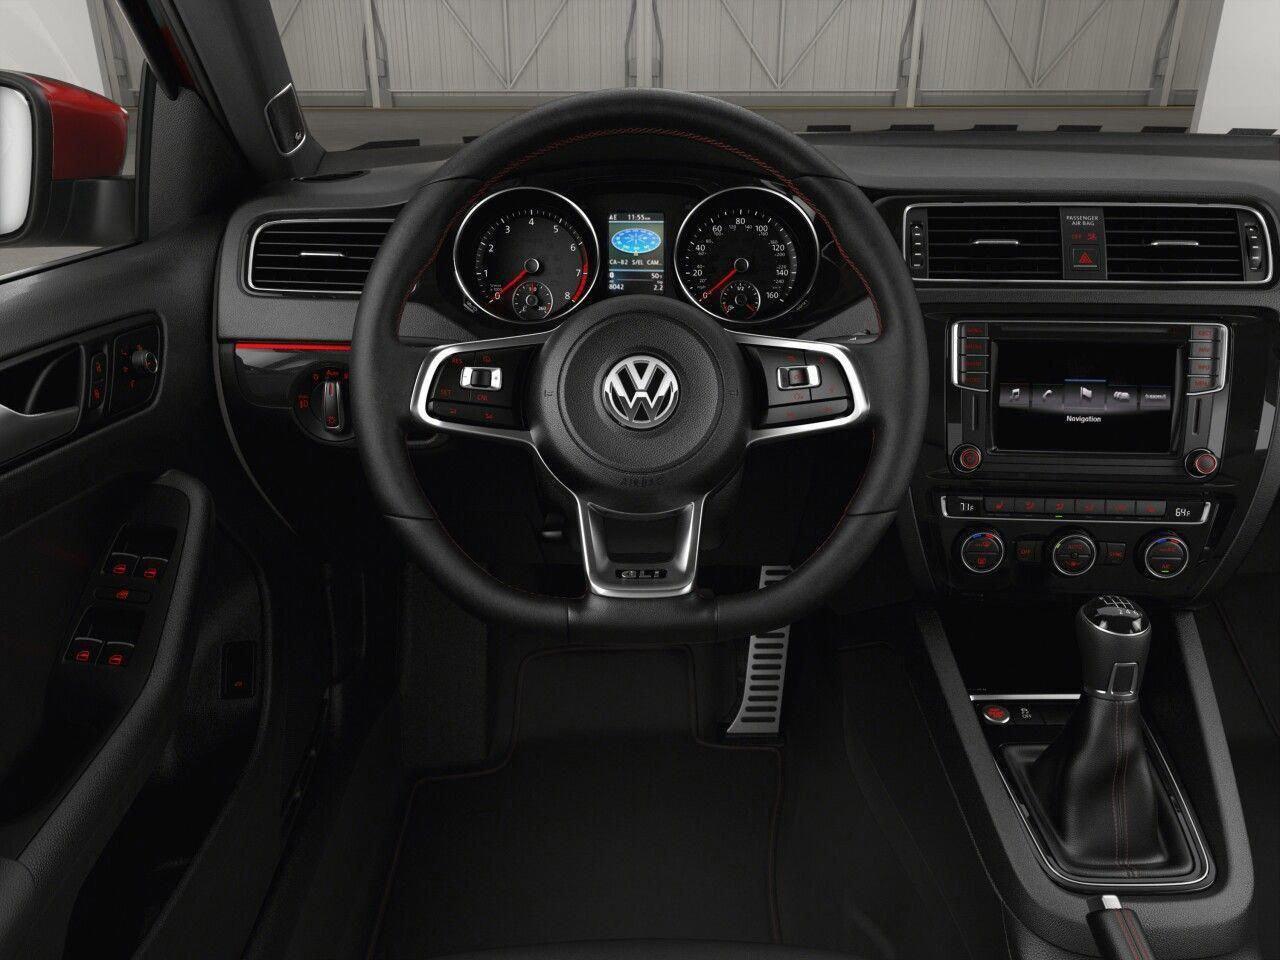 2016 Vw Jetta Gli Sel Trim Volkswagen Customvwgolfmk6 Volkswagencccustom Vwcc Volkswagen Jetta Vw Jetta Tdi Jetta Gli